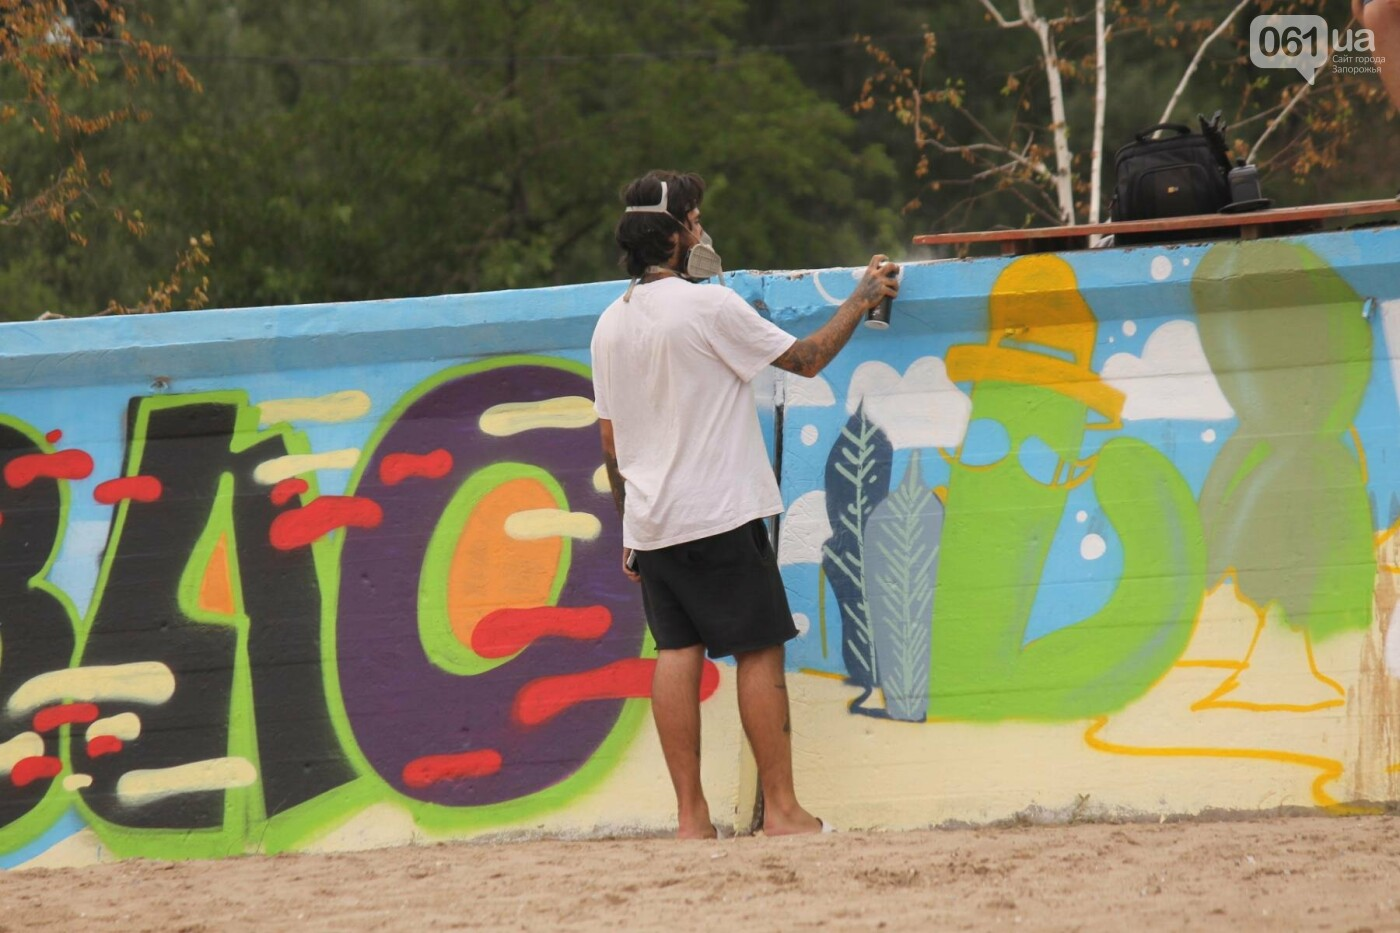 В Запорожье на пляже закончился фестиваль граффити: разрисовали 150 метров бетонной стены, – ФОТОРЕПОРТАЖ, фото-33